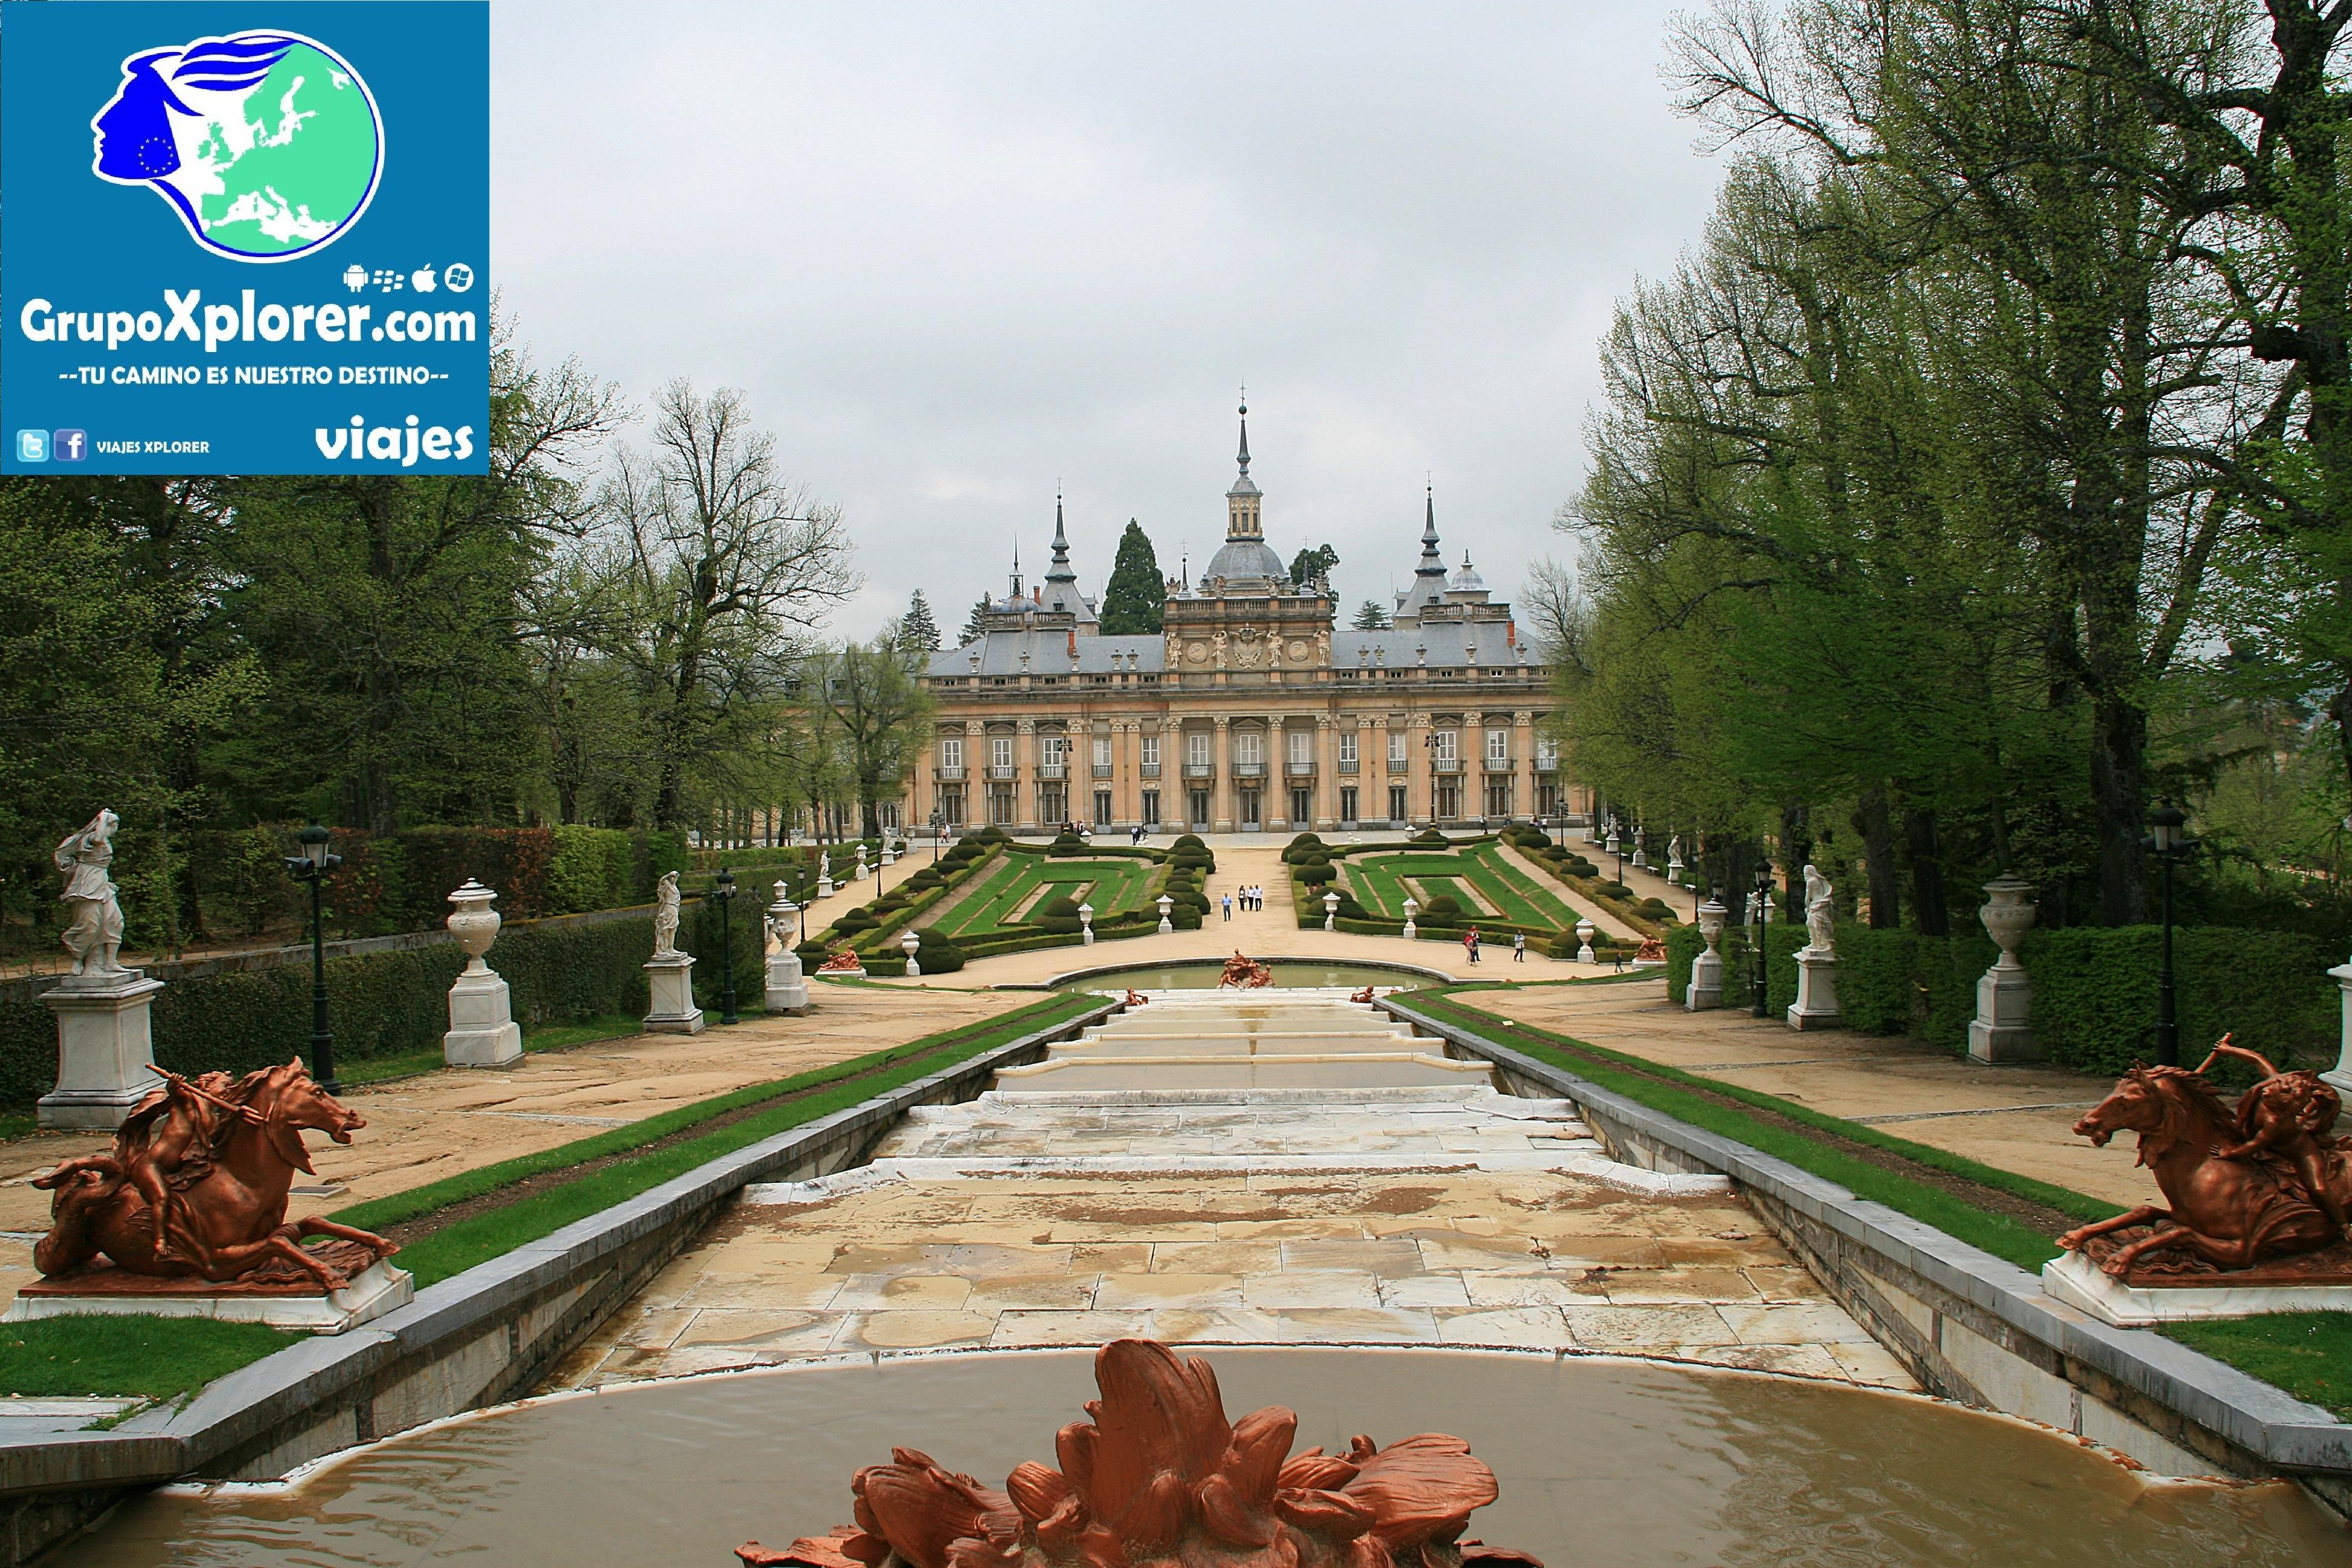 Palacio_y_Jardines_de_la_Granja,_vista_frontal